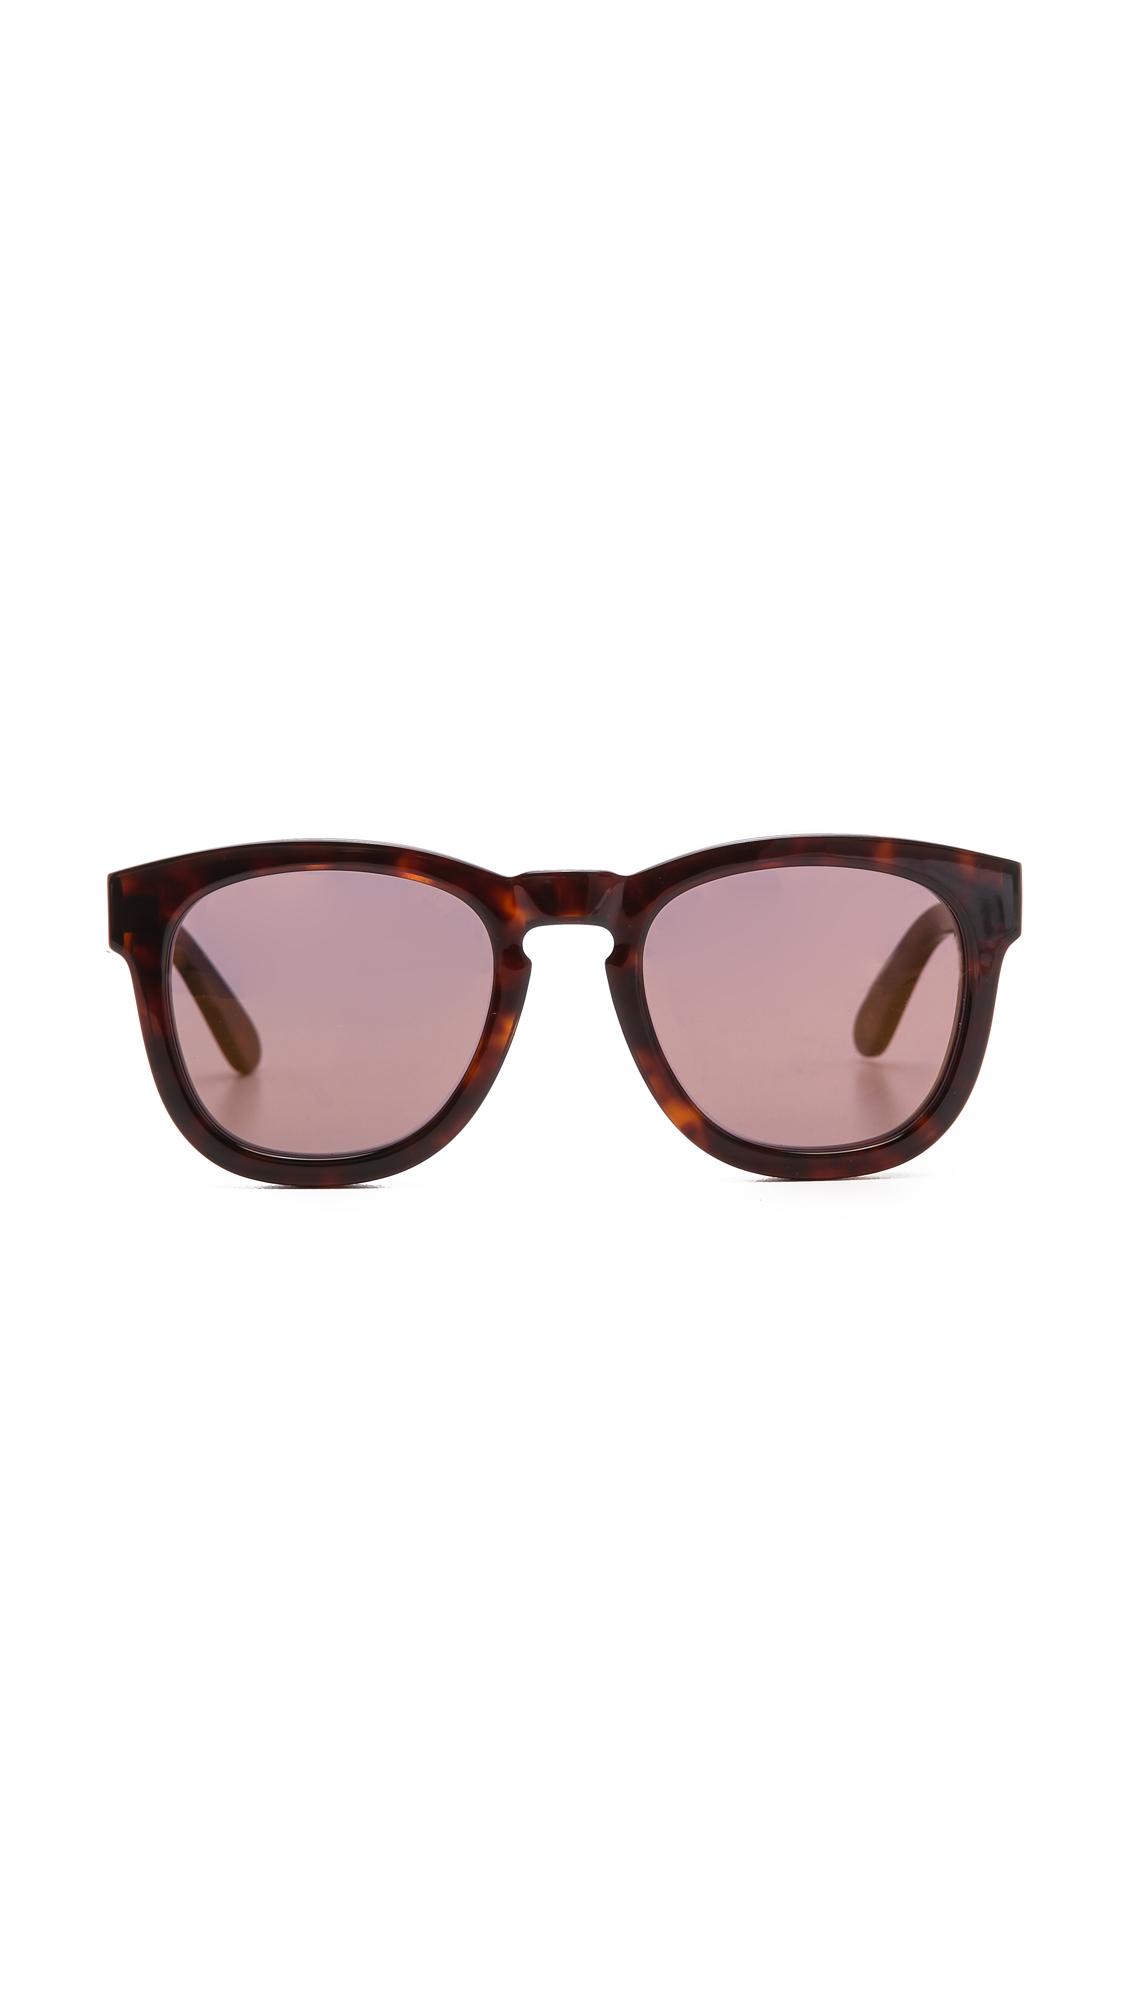 50d76a9300 Oakley Makes Fox Sunglasses